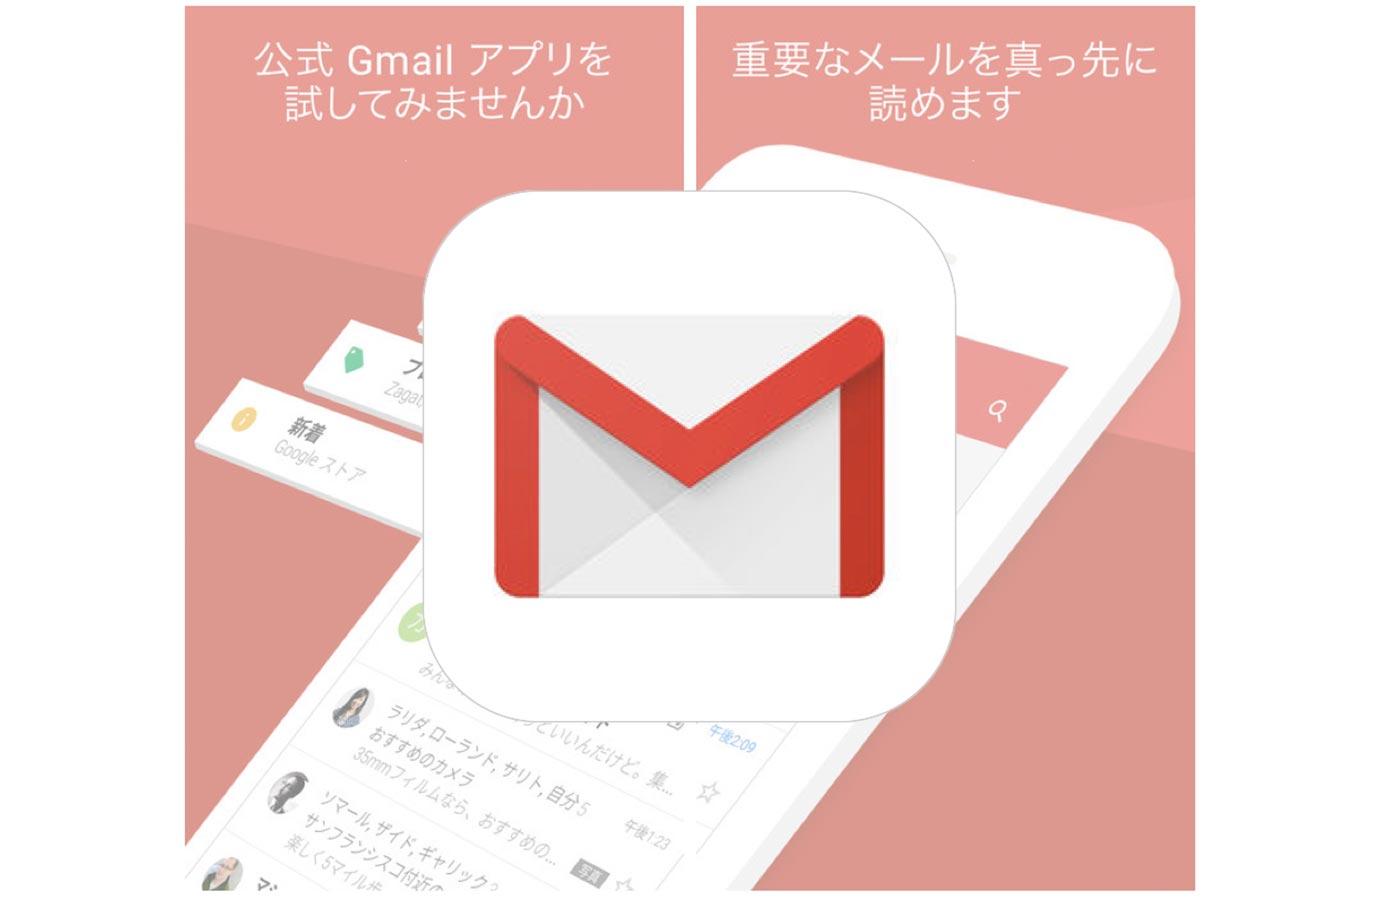 iOS向け「Gmail」アプリがアップデートで「iPhone X」のディスプレイサイズに対応